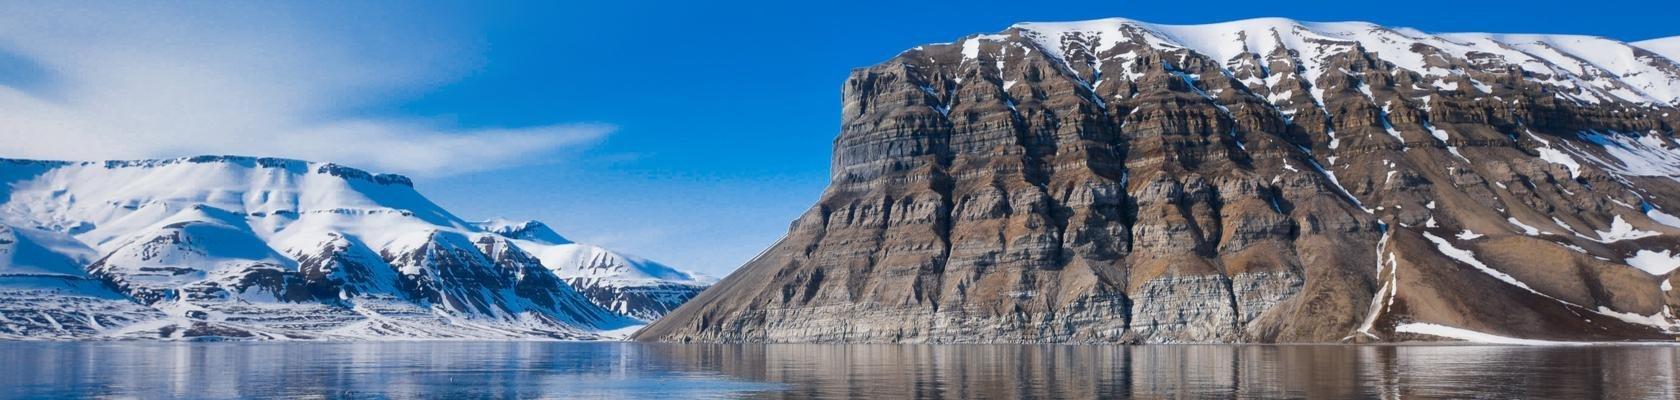 Indrukwekkend ijslandschap in Spitsbergen